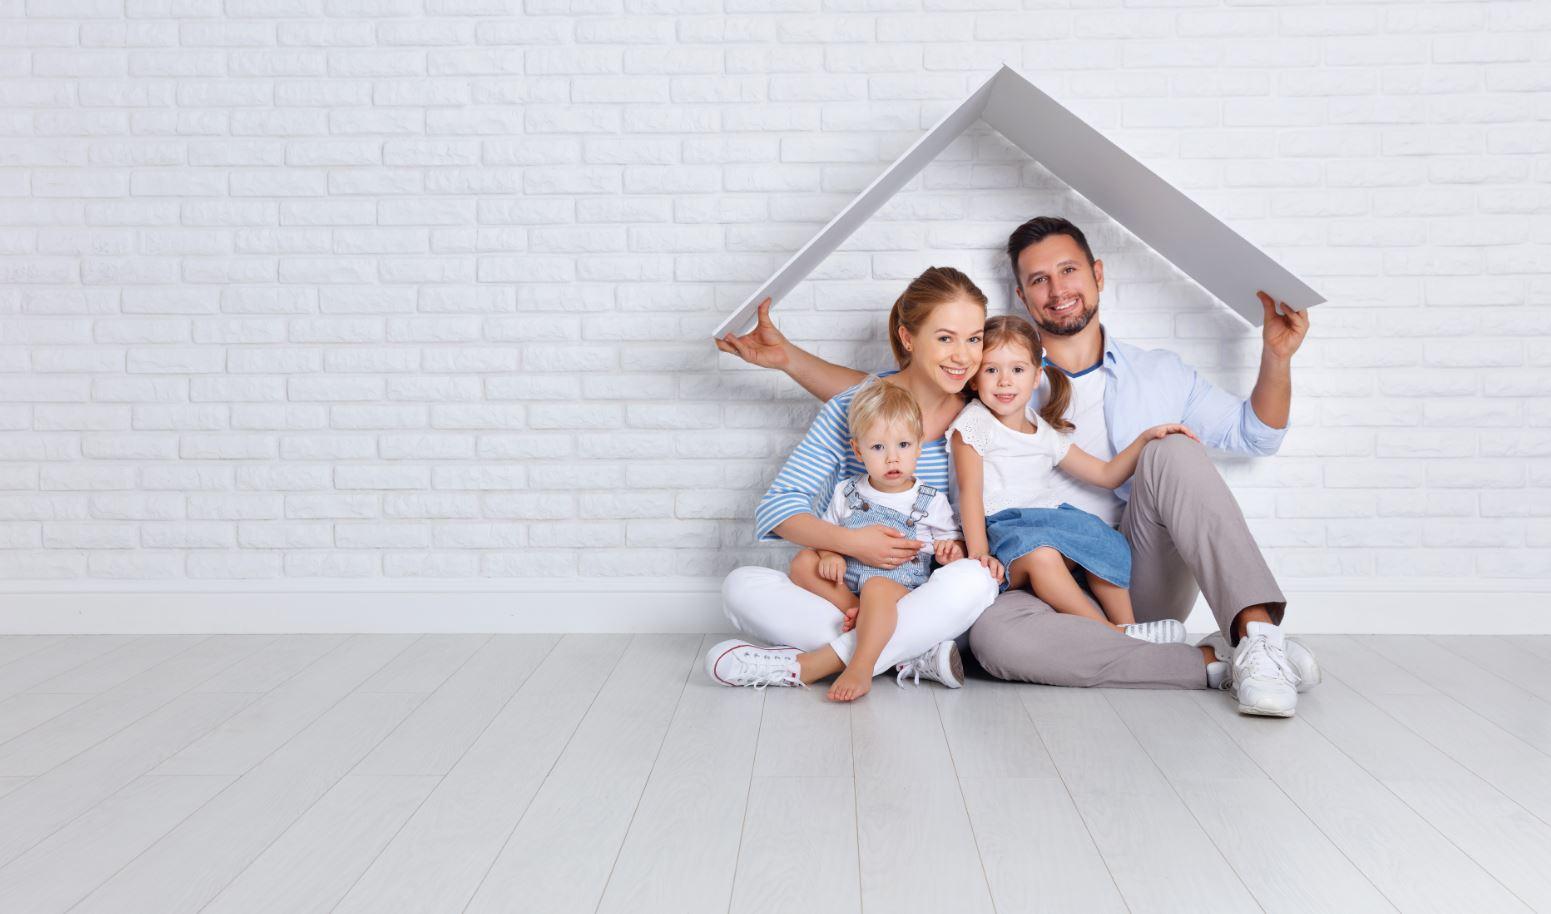 Familie unter selbstgebasteltem Dach